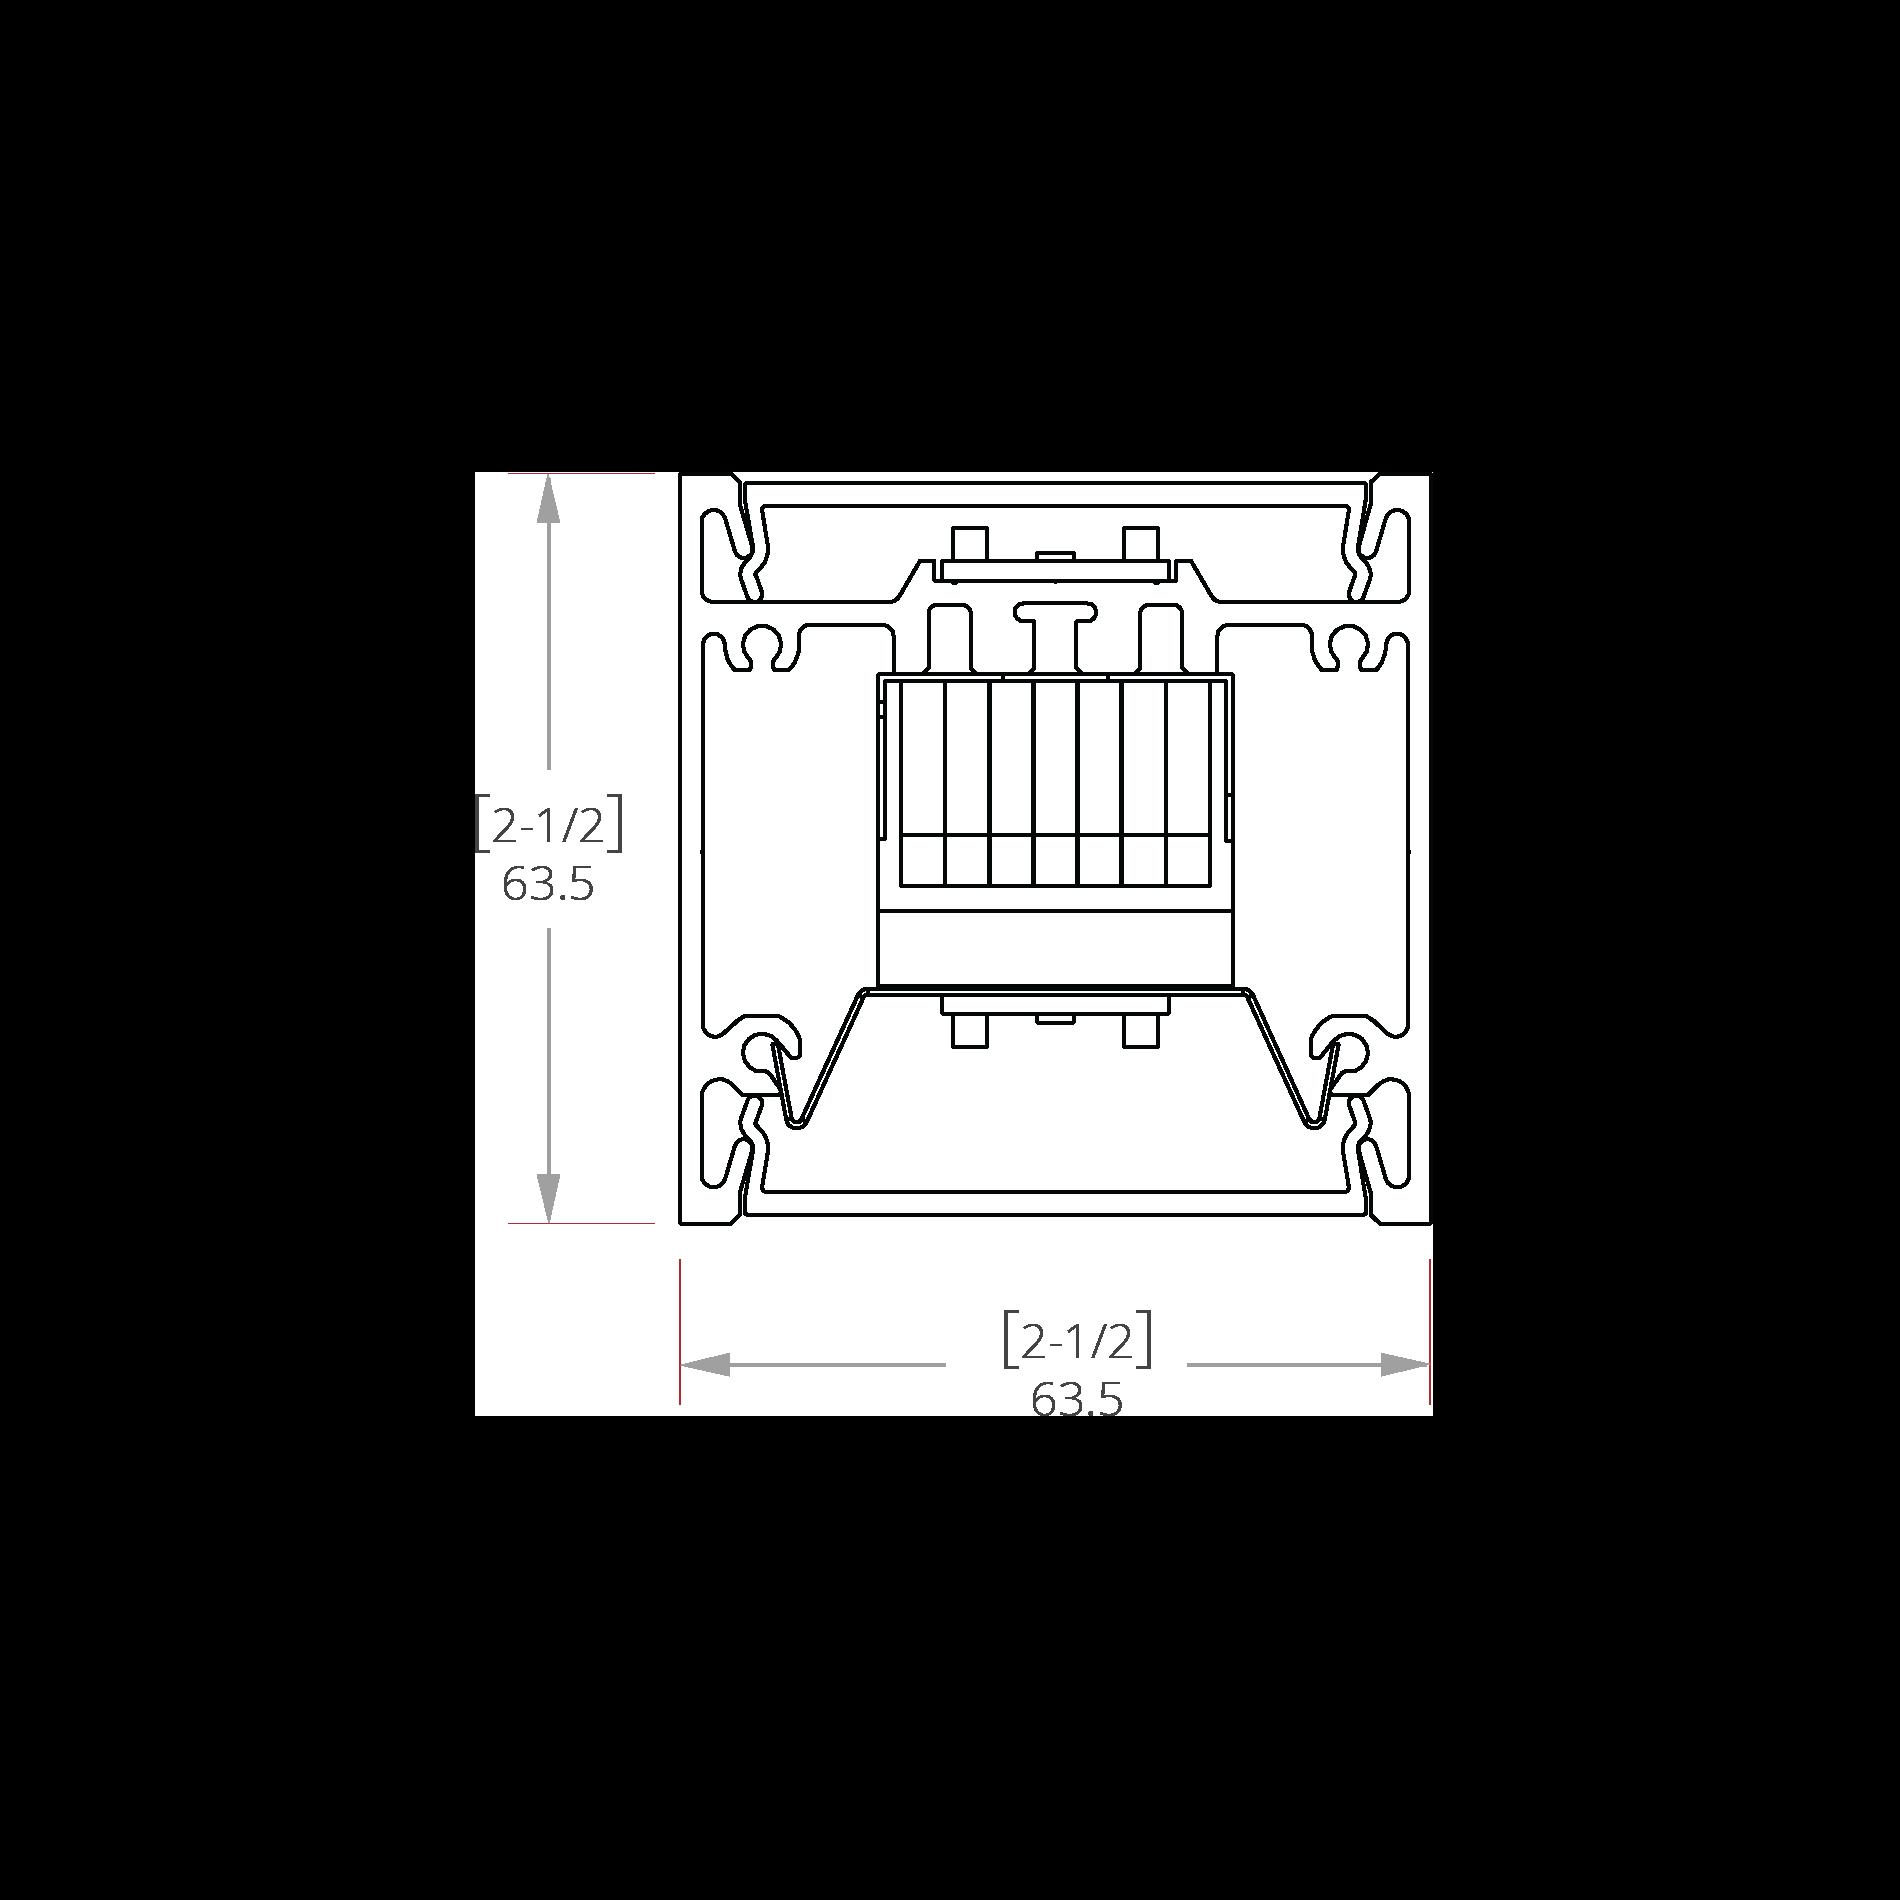 Neodymium 2 Line Drawing